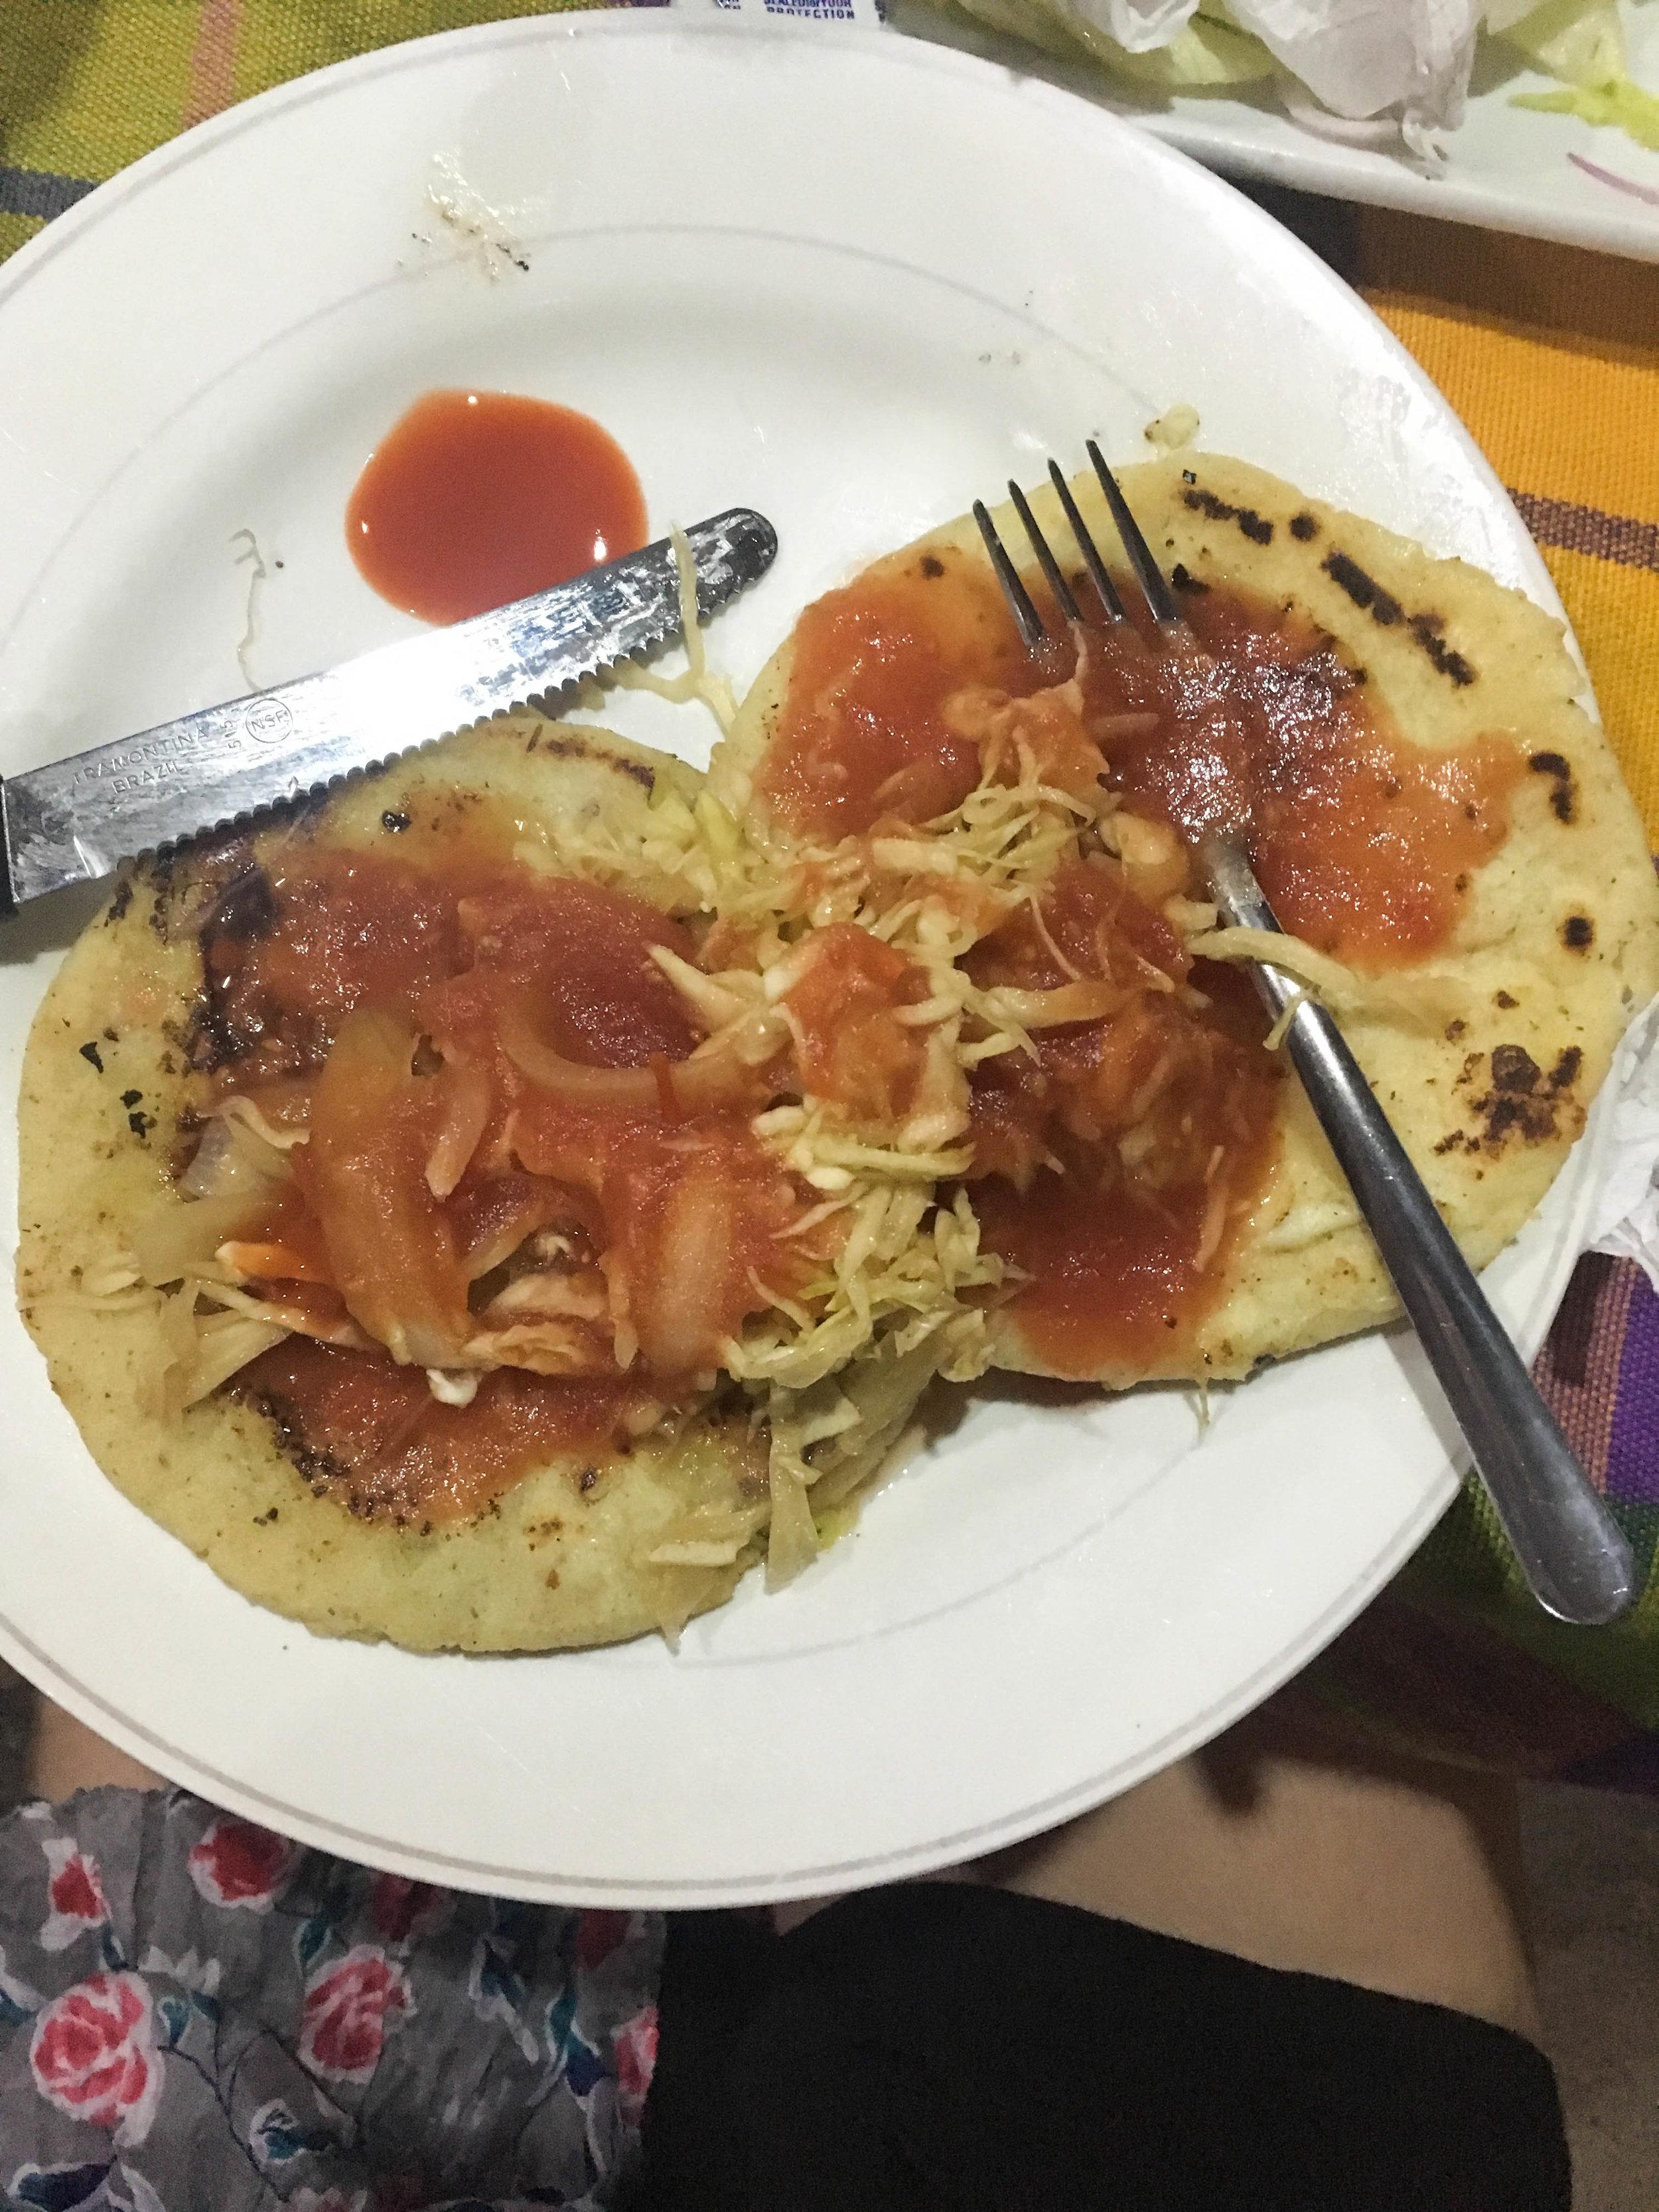 Pupusa - El Salvador's most notable dish